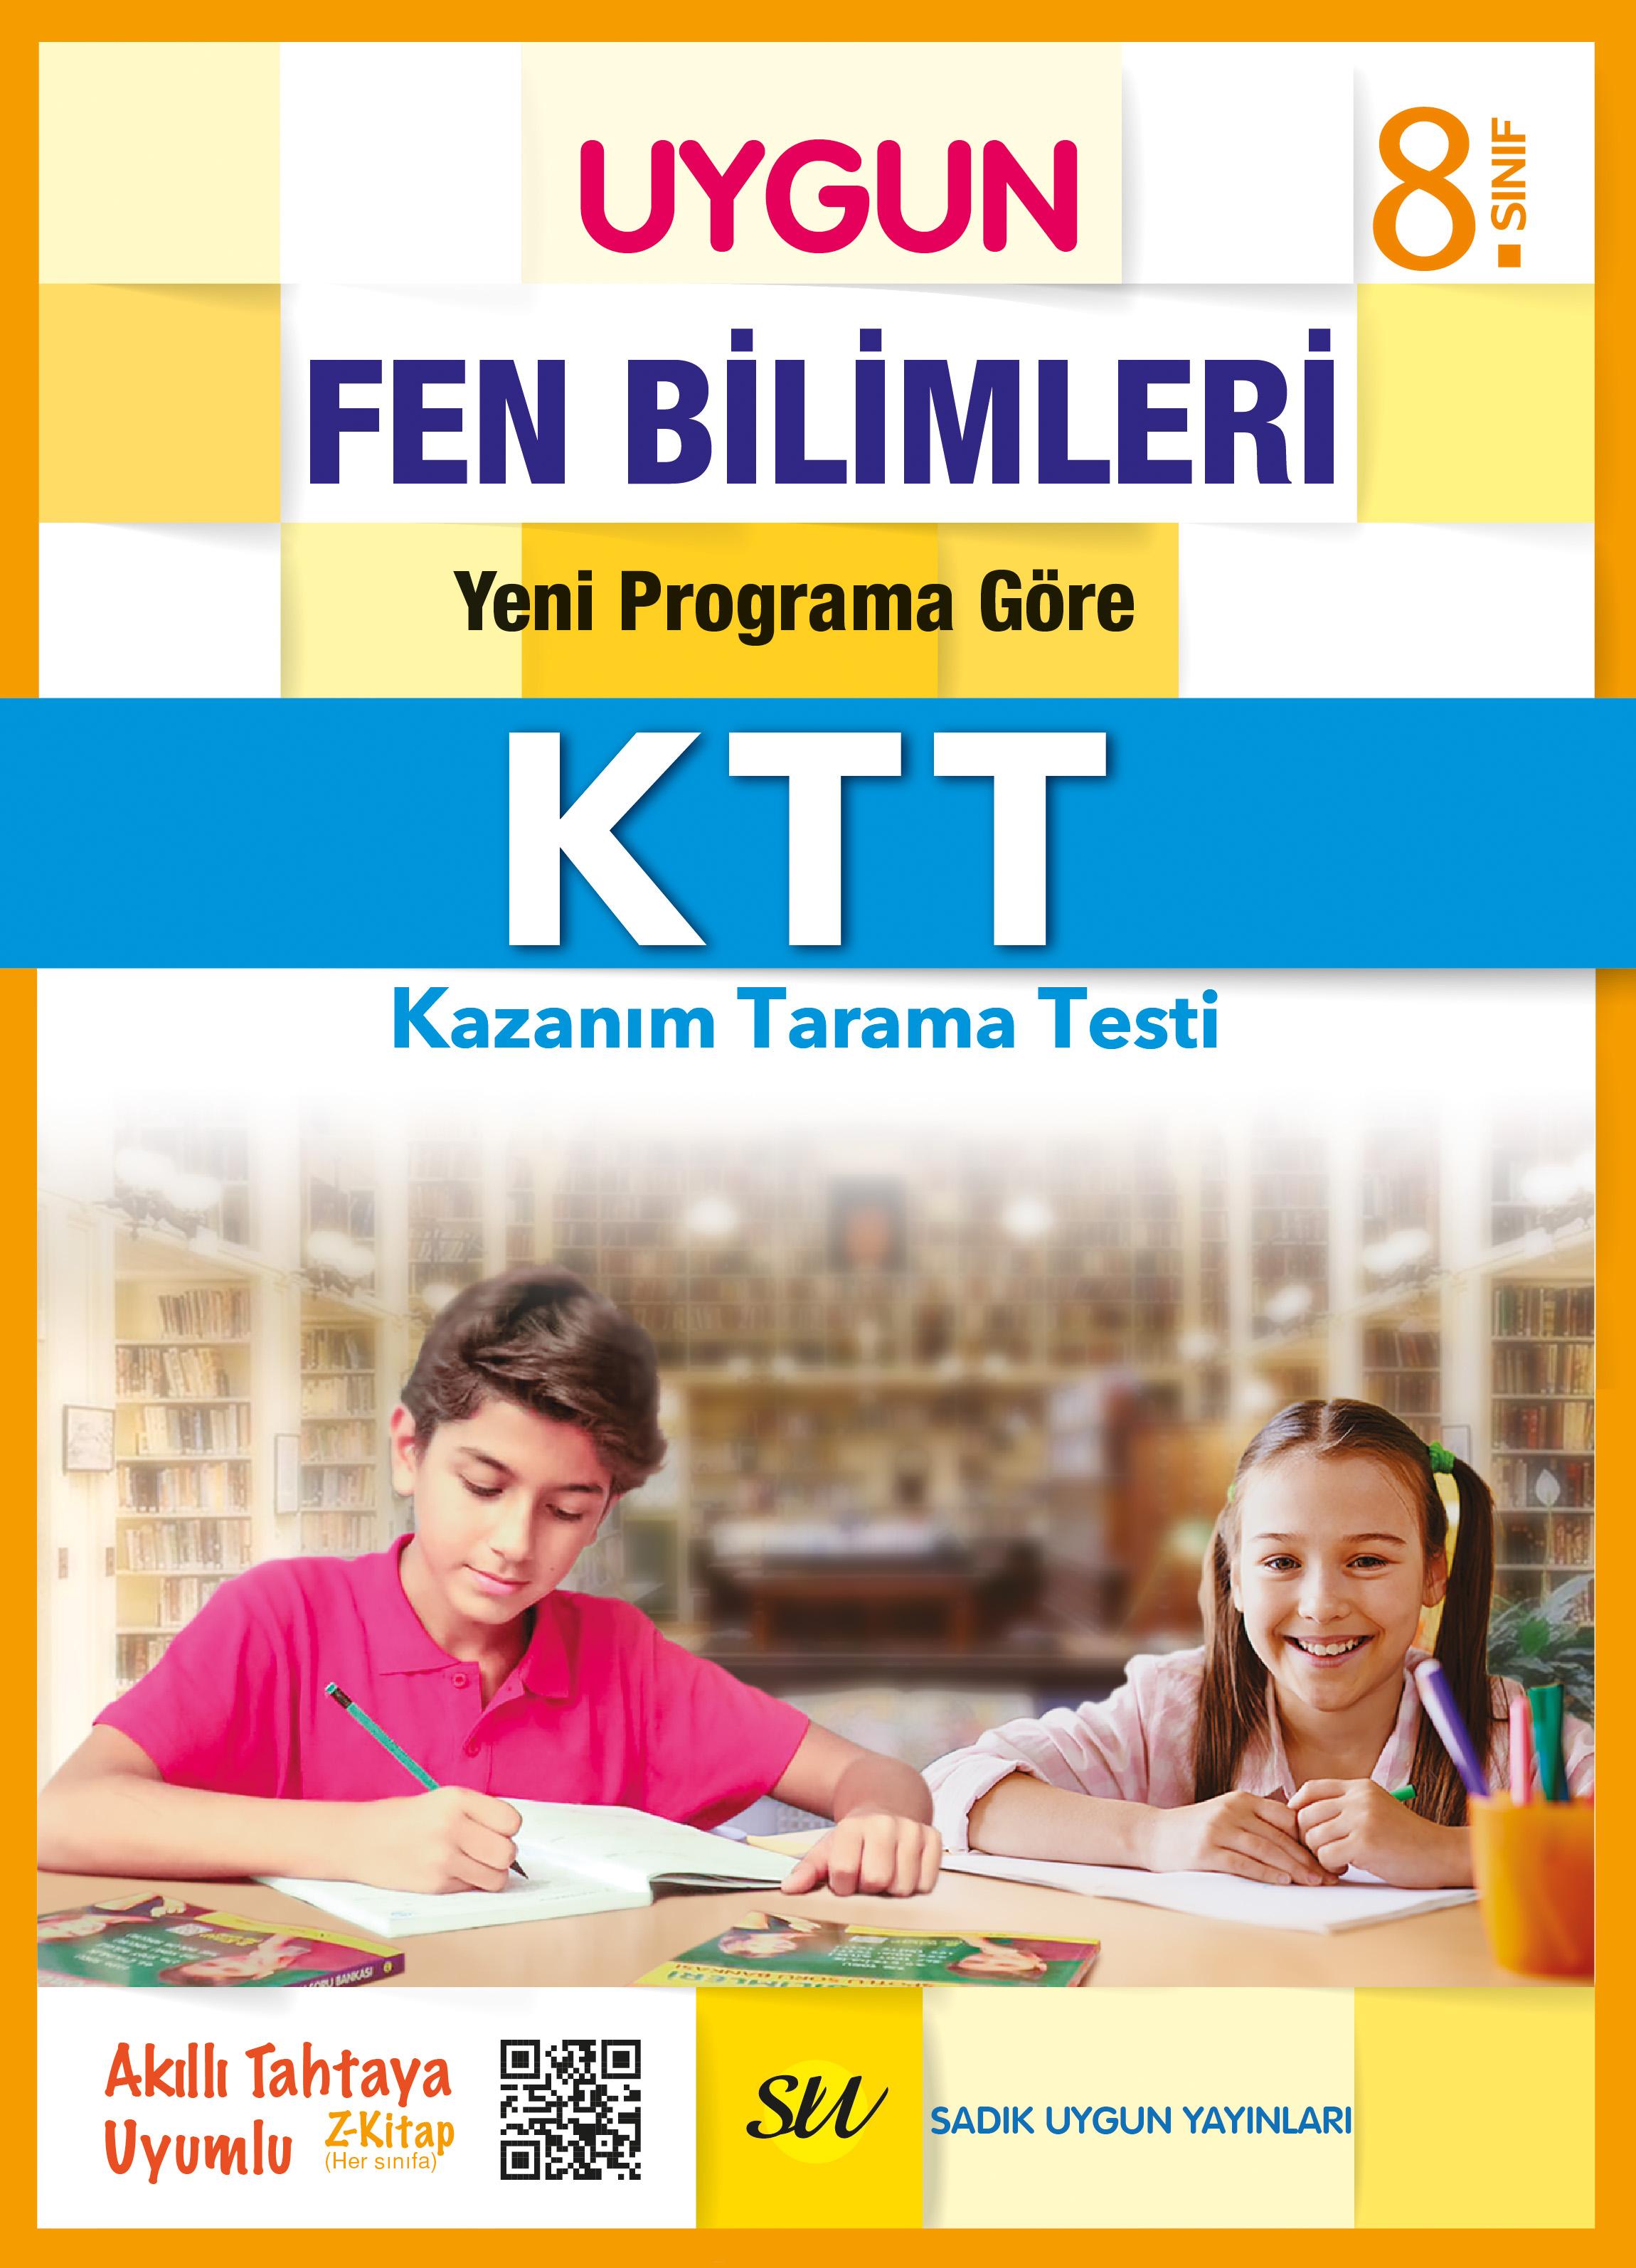 UYGUN – Kazanım Tarama Testleri (KTT) – Fen Bilimleri 8. Sınıf